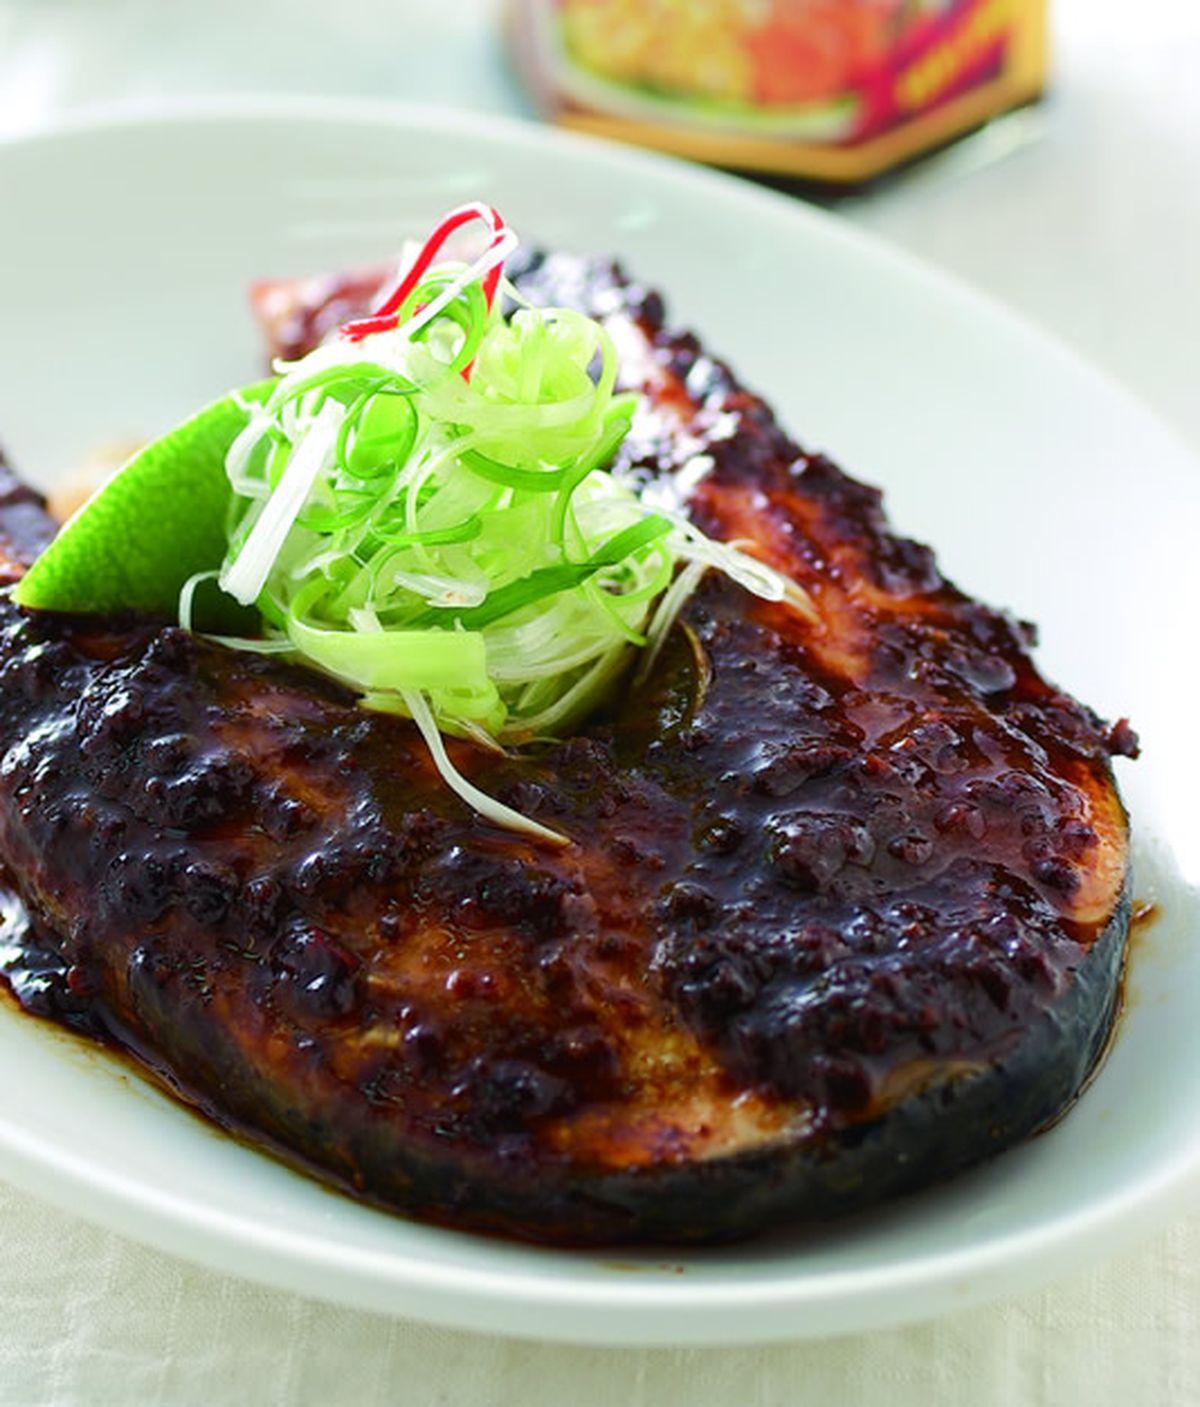 食譜:炸醬烤鮭魚